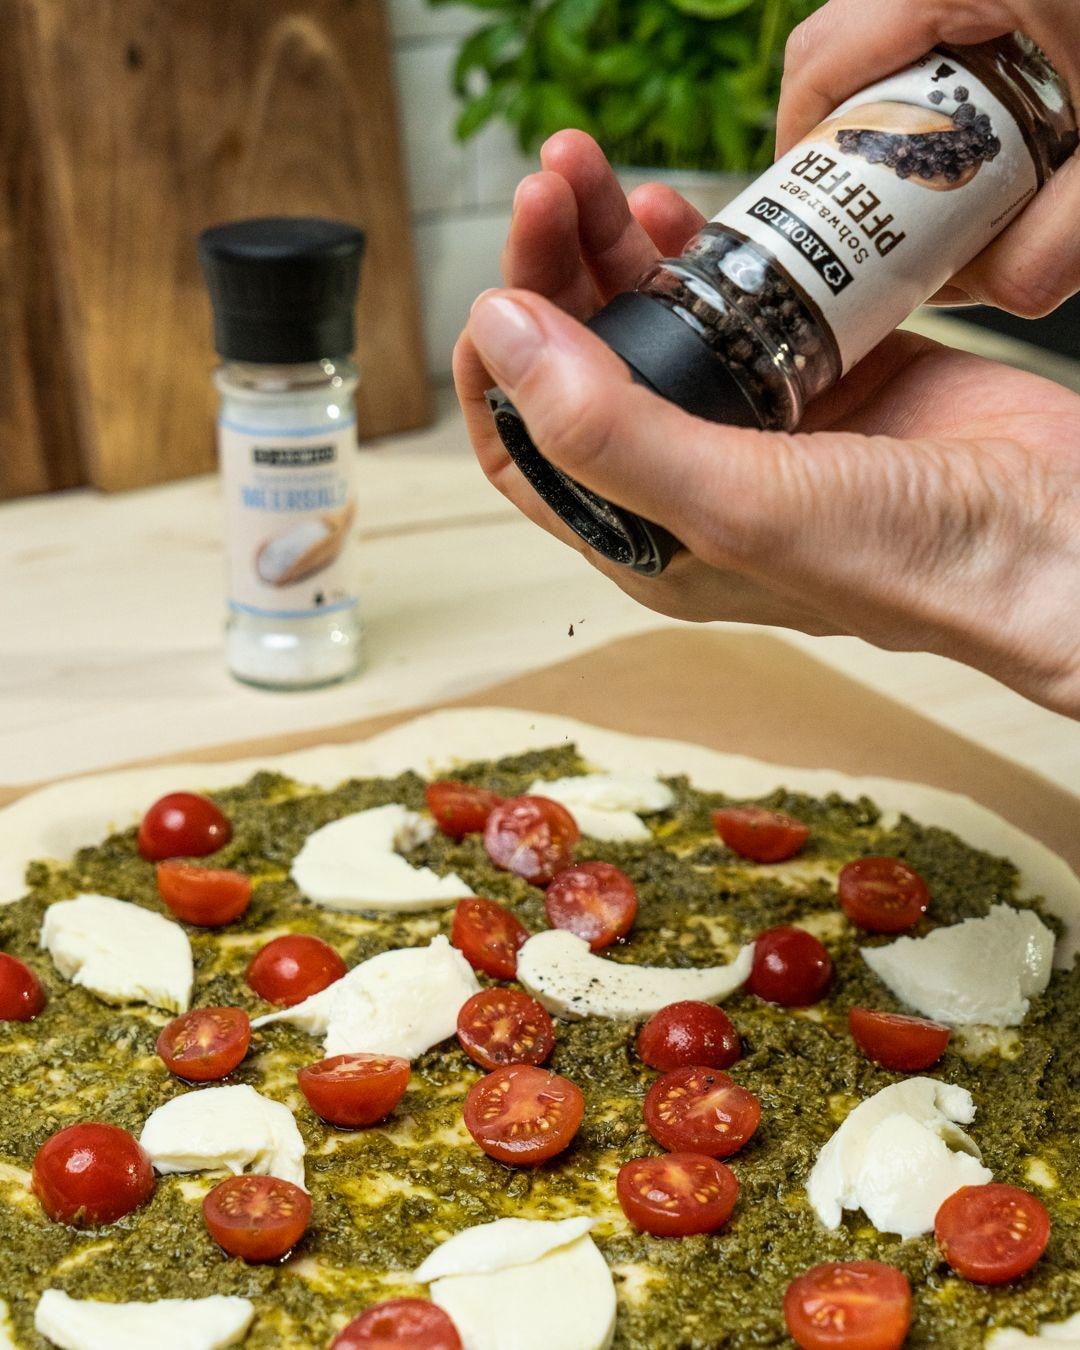 Auf diesem Bild siehst du wie die belegte Pizza belegt wird.